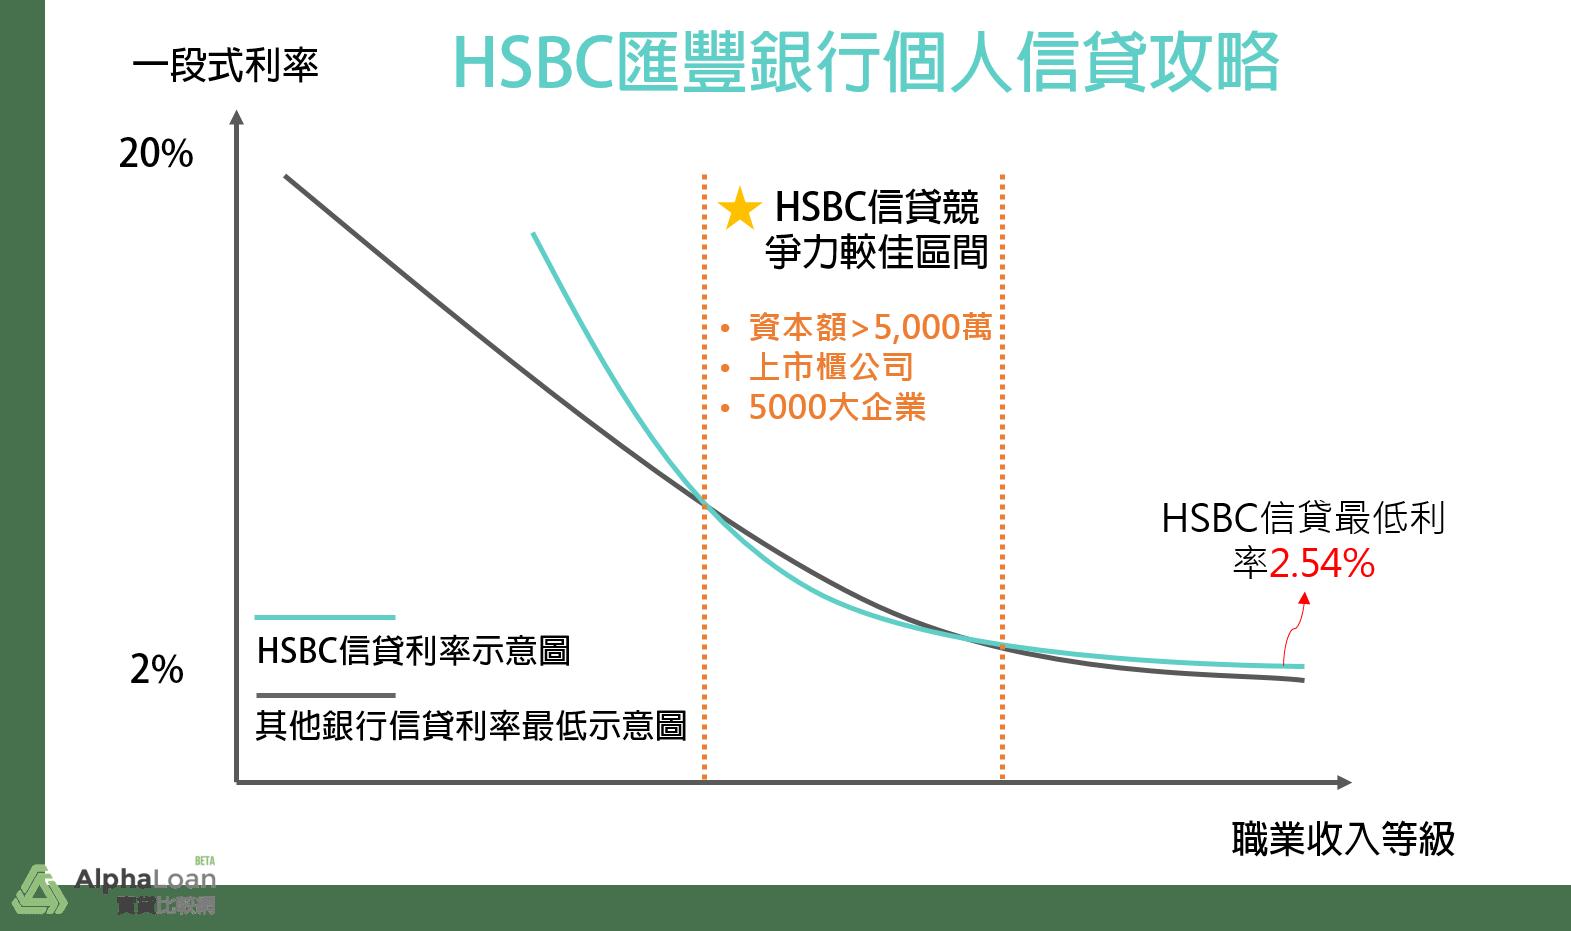 HSBC滙豐銀行個人信貸匯優貸申請指南:什麼樣的條件最適合申請? - 信用管理指南: 建立良好信用及輕理財知識